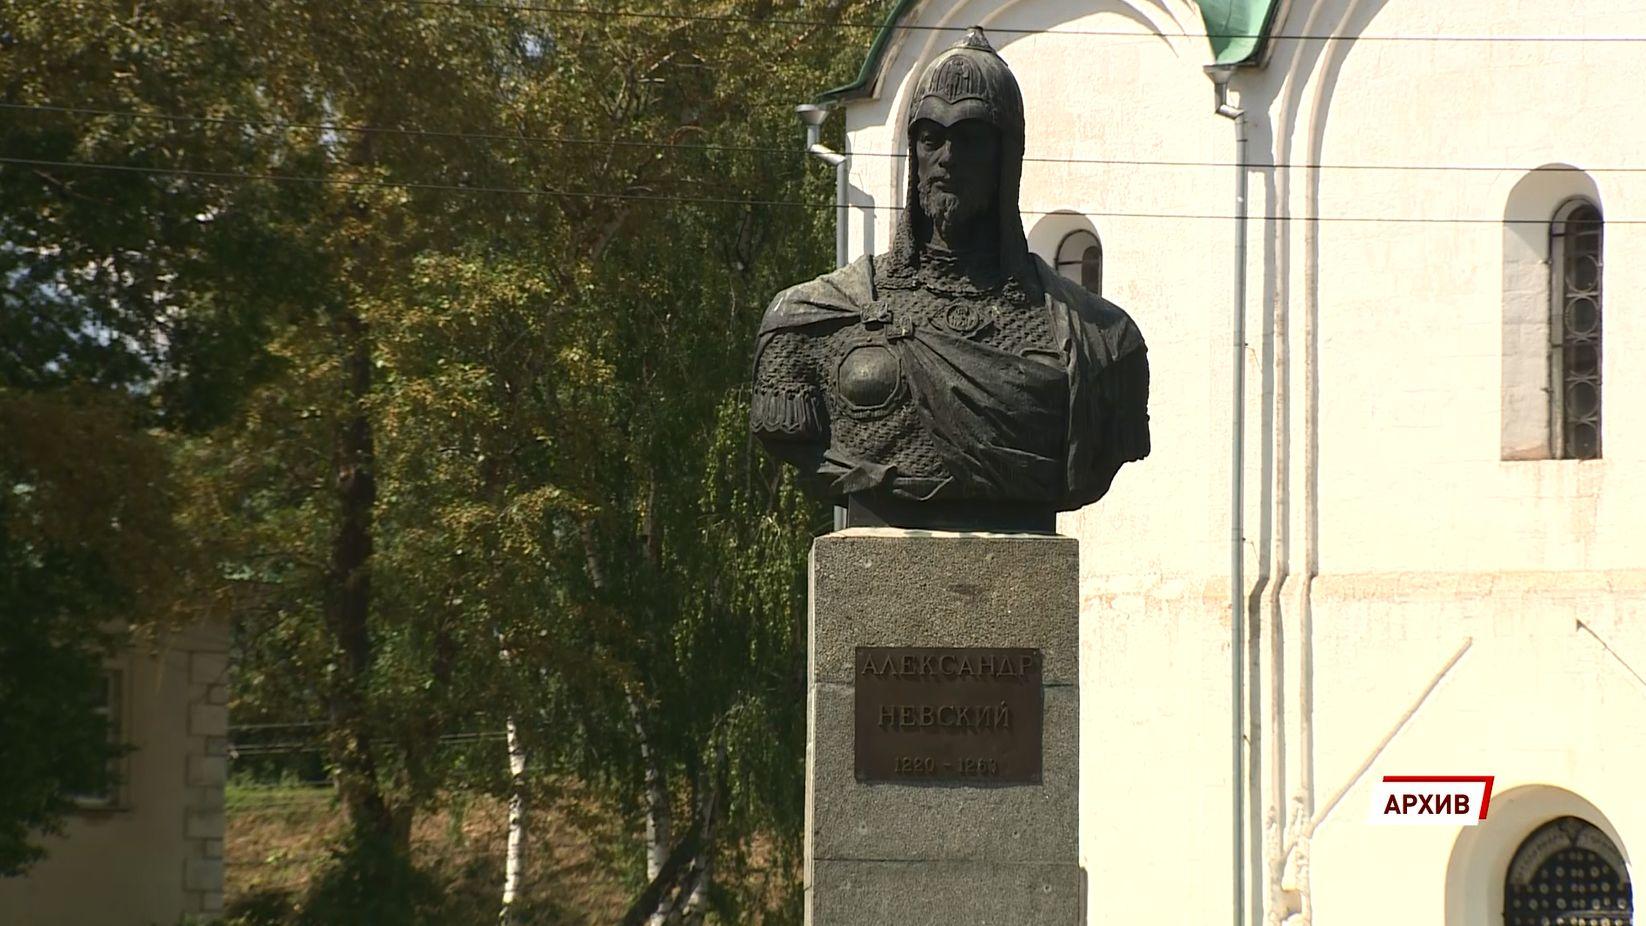 В предстоящие выходные по Переславлю пройдет отряд Александра Невского